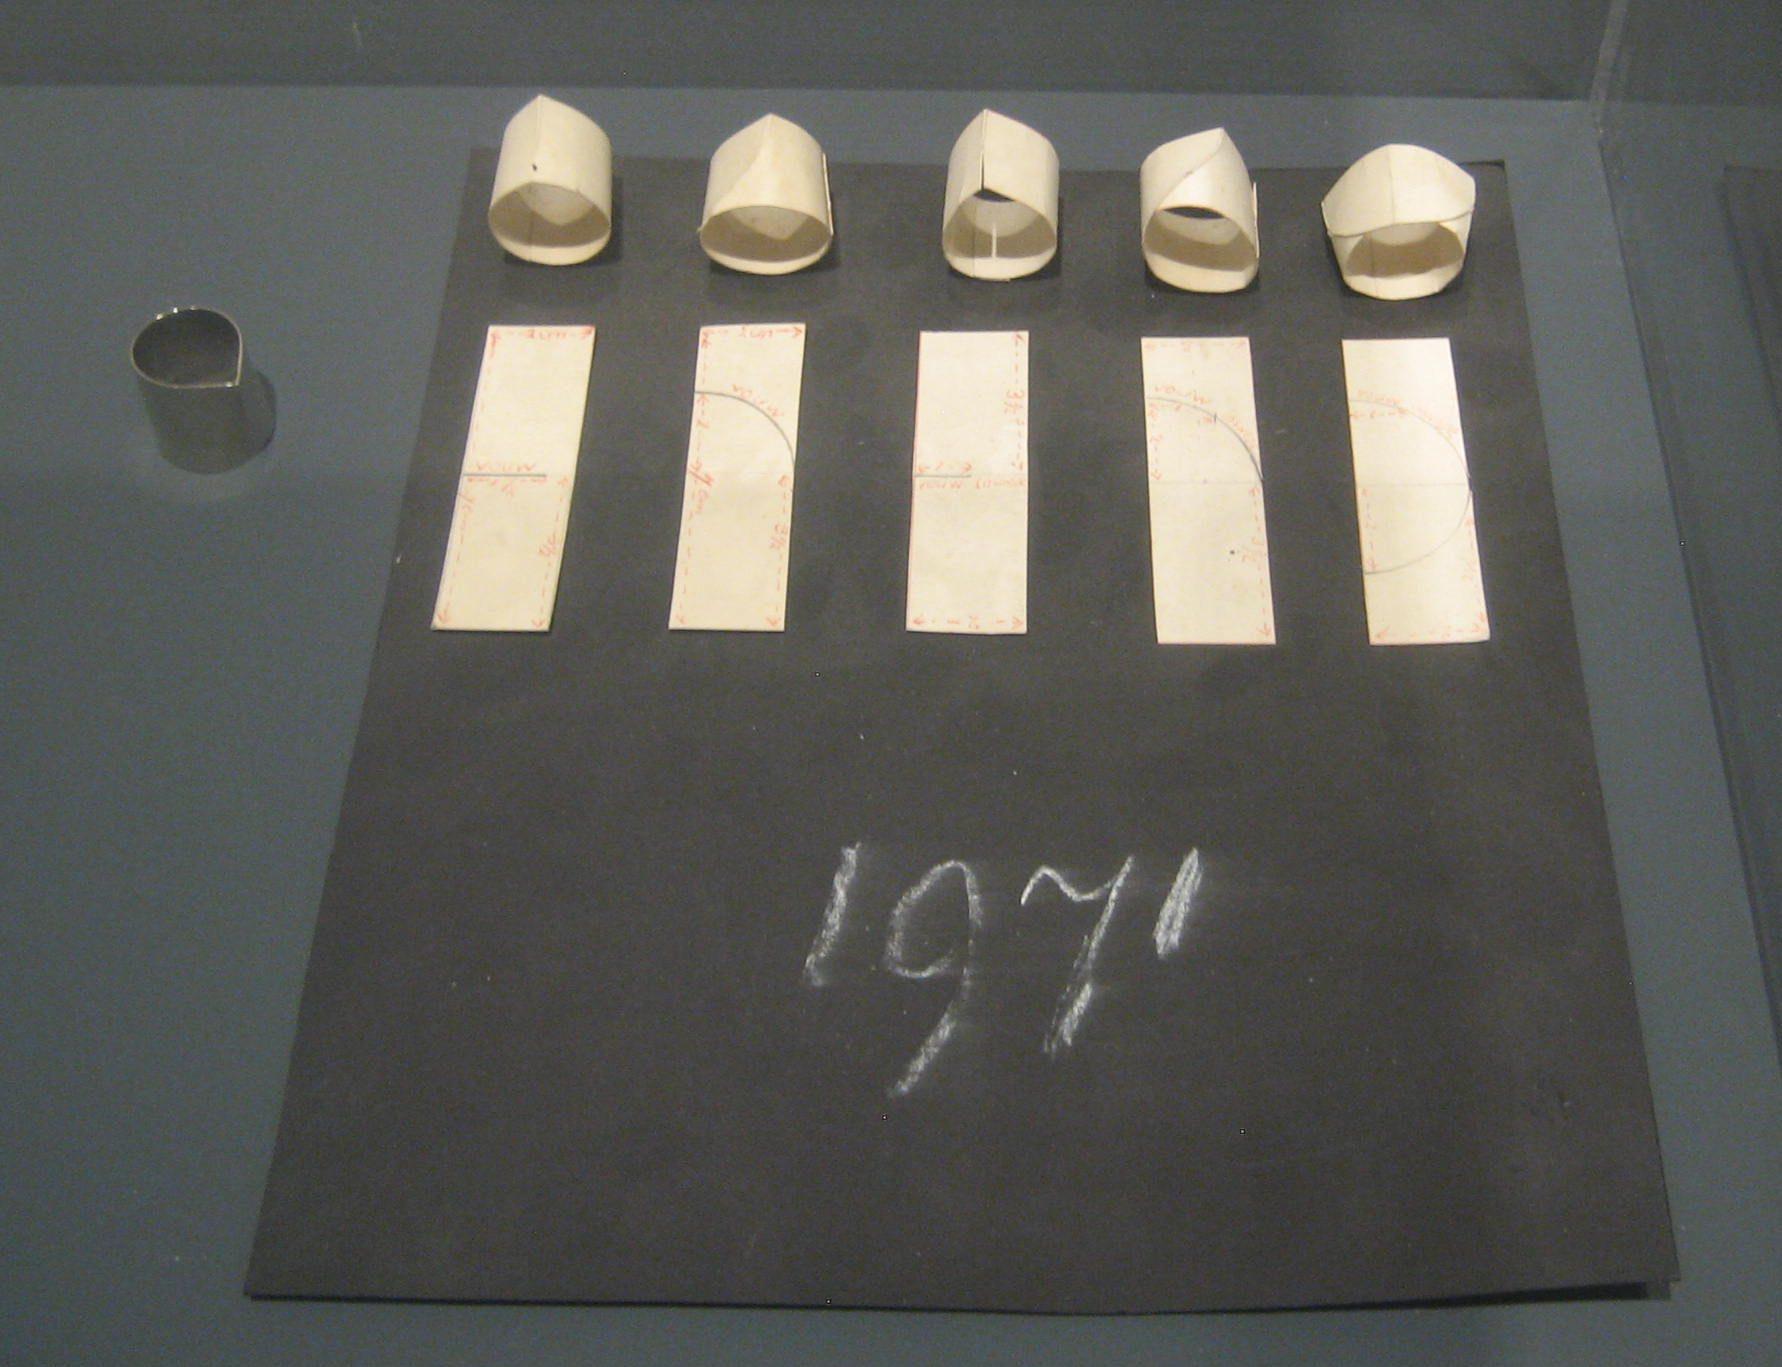 Emmy van Leersum, prototypes voor ringen, 1970-1971, Toen Emmy nu Gijs, Design Museum Den Bosch, 2018, papier, vitrine, tentoonstelling